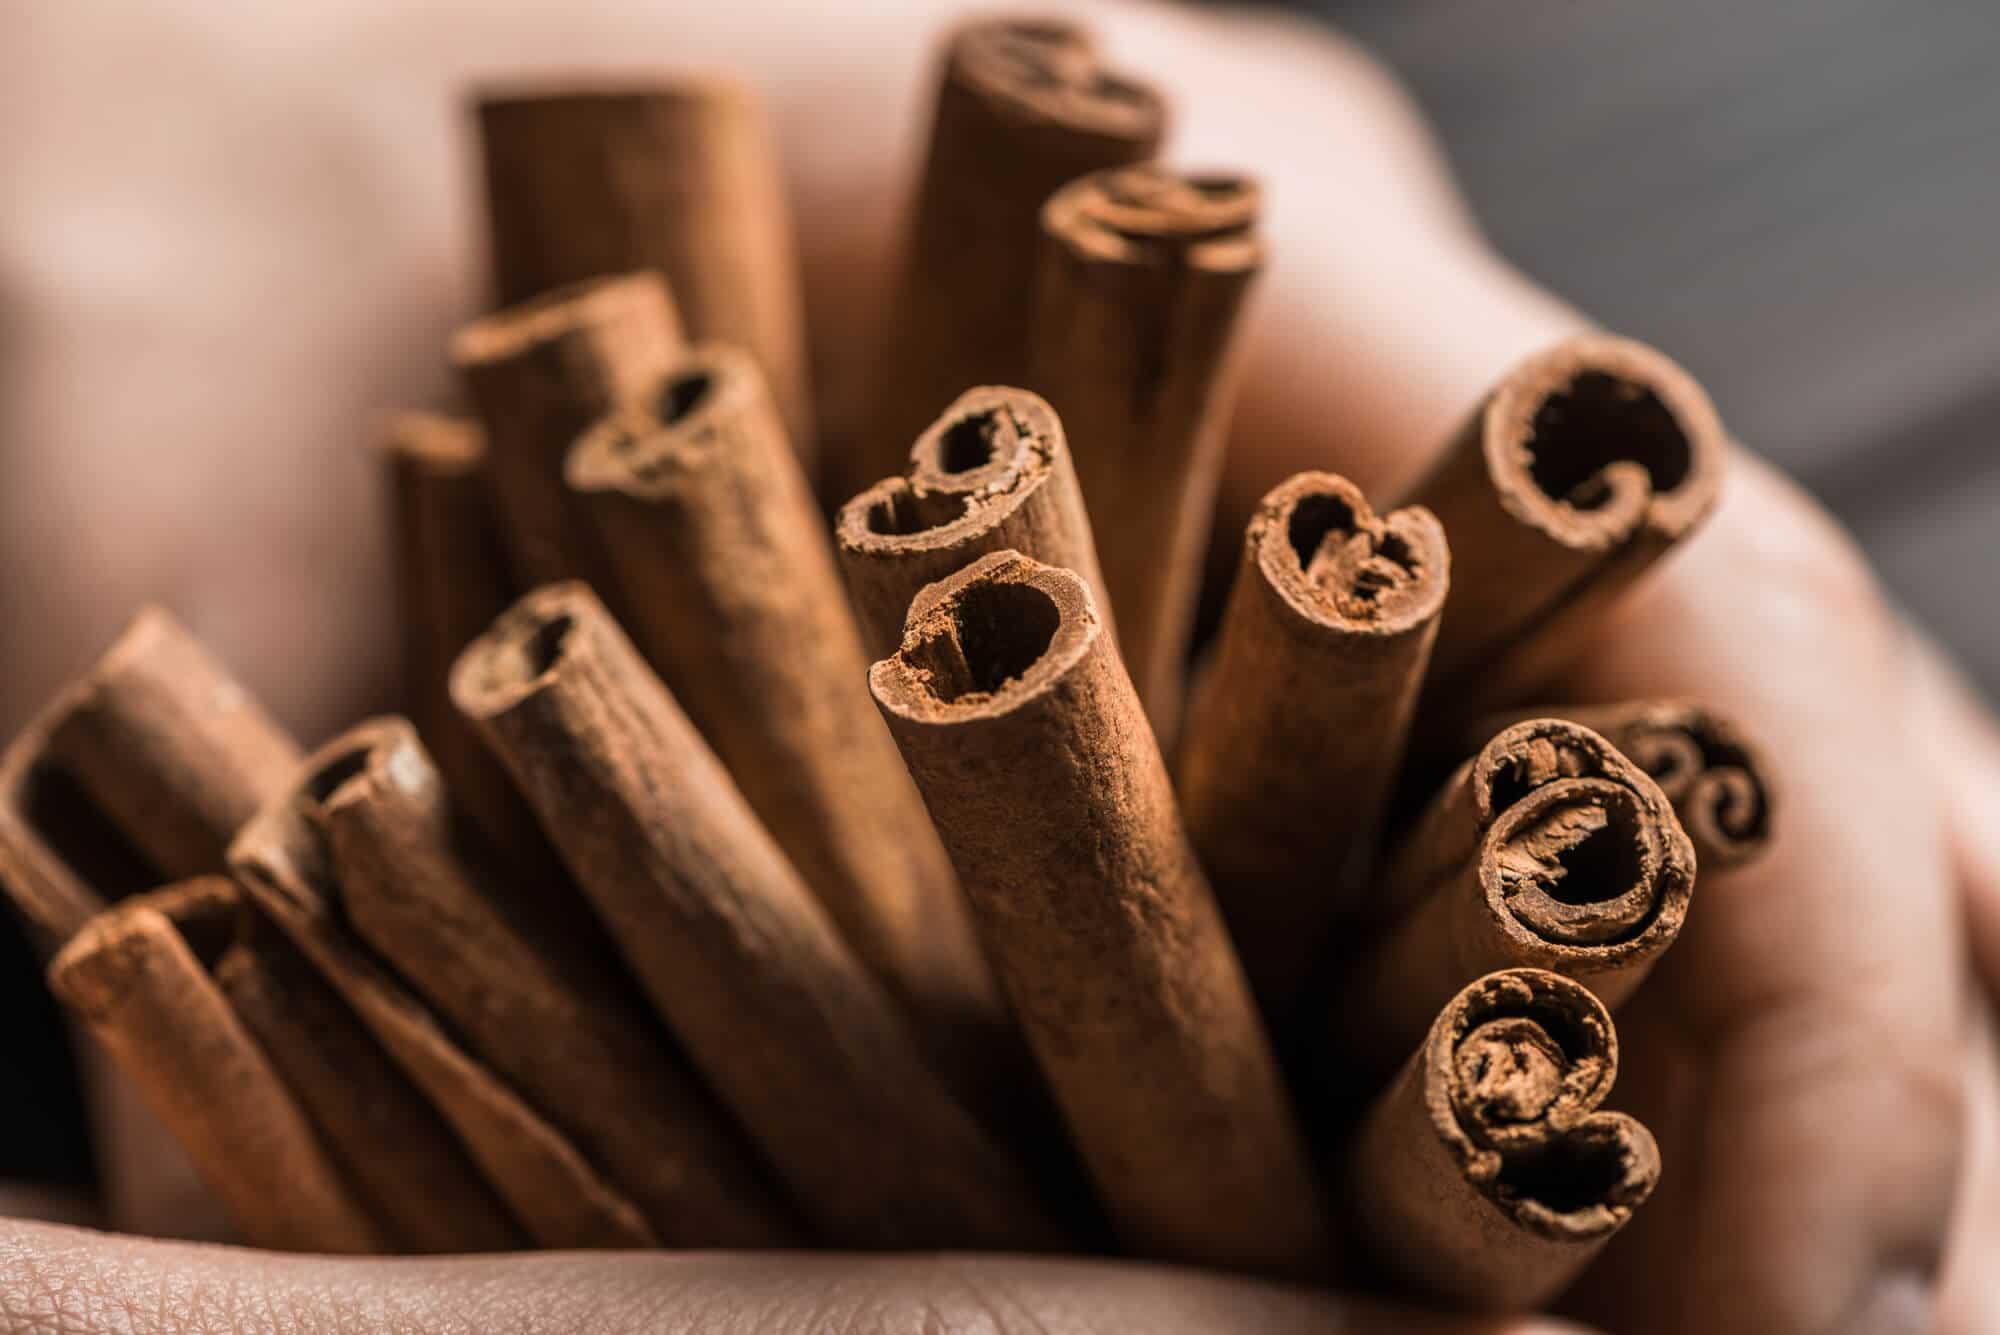 cinnamon rolls - El Rincon